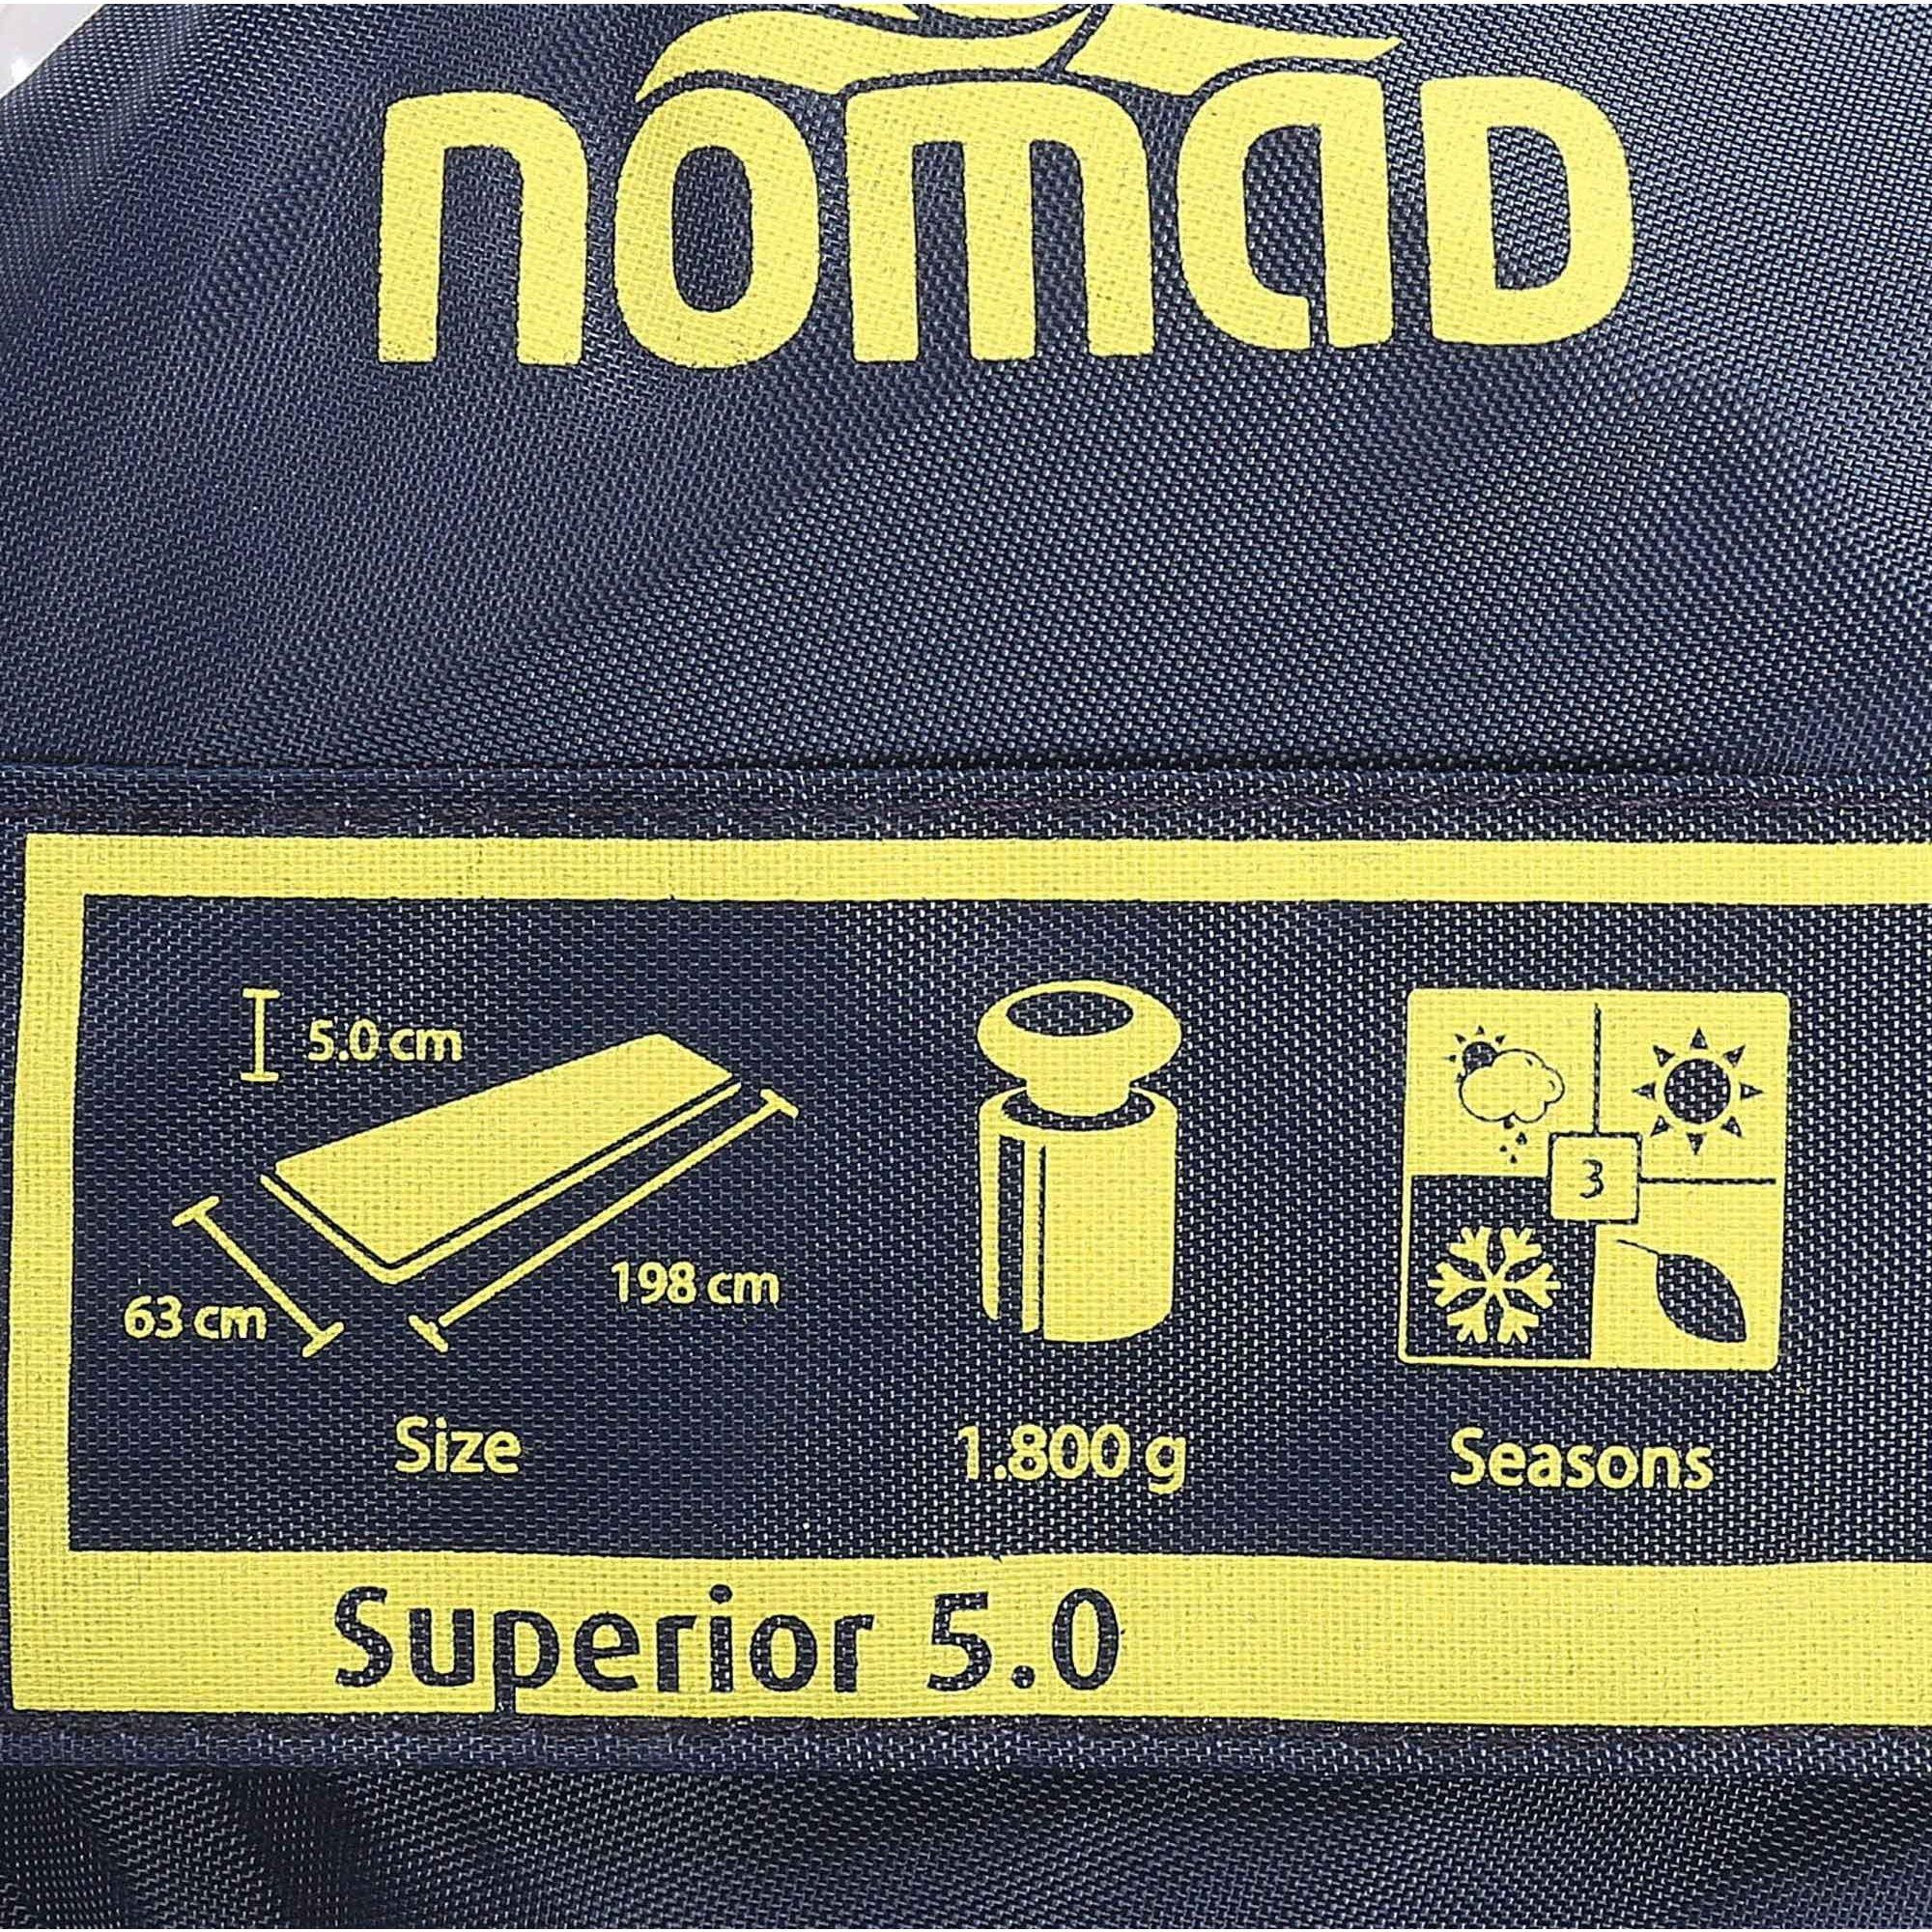 NOMAD SUPERIOR 5.0 SLAAPMAT ROOD